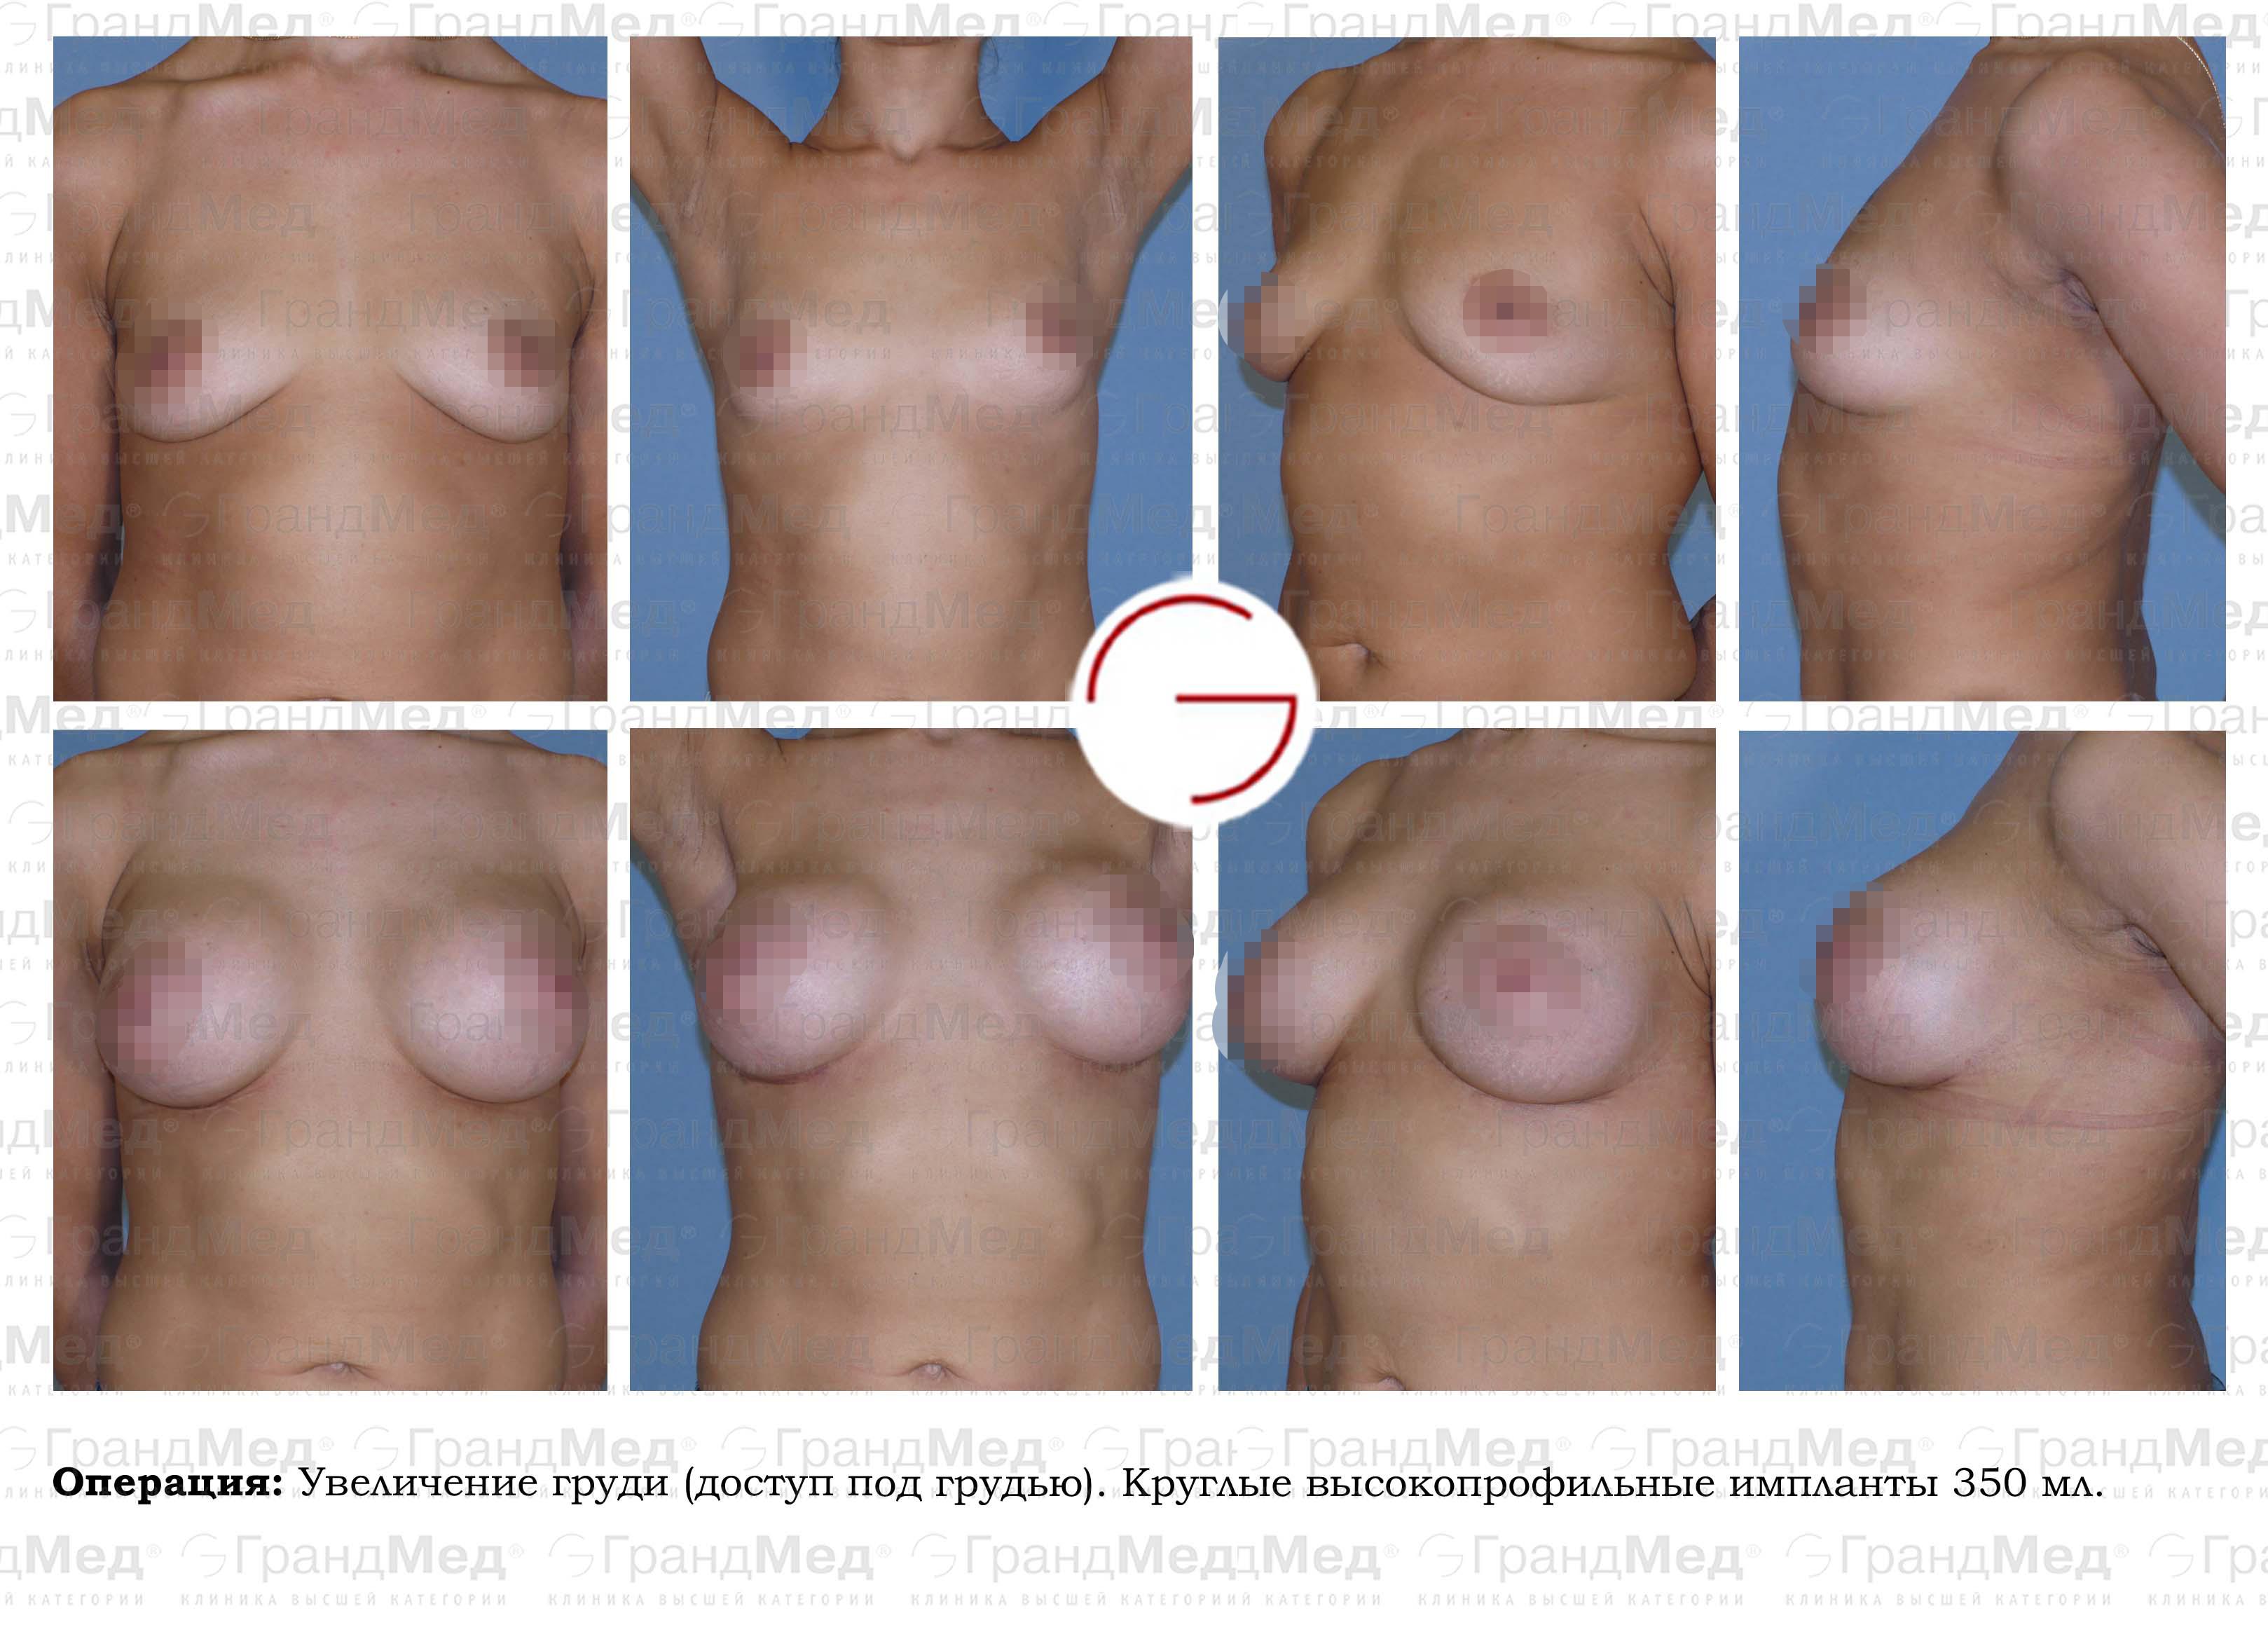 Увеличение груди петербург 4 фотография